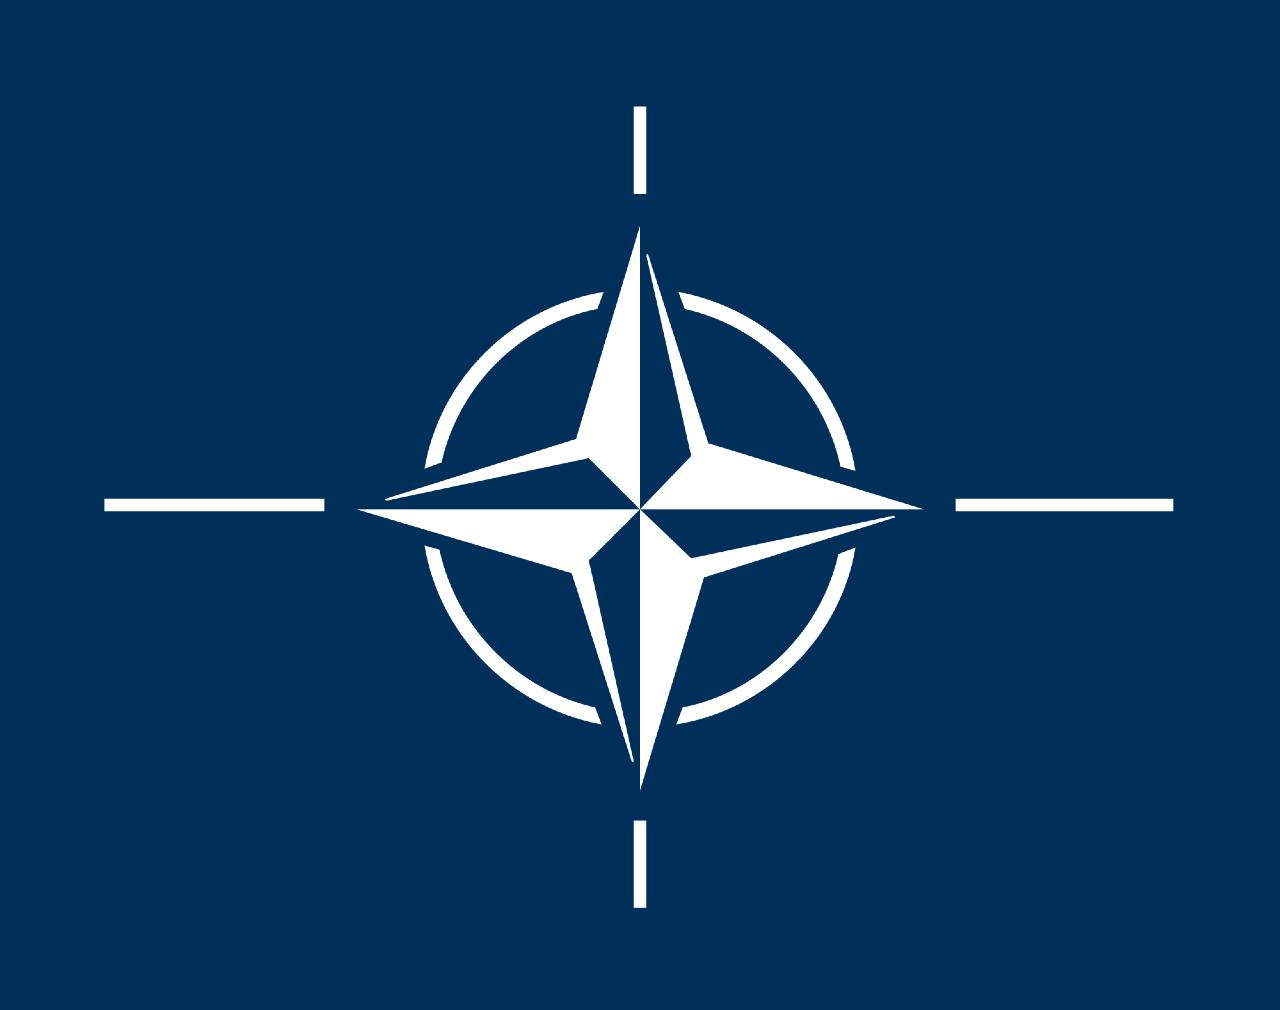 NATO OTAN